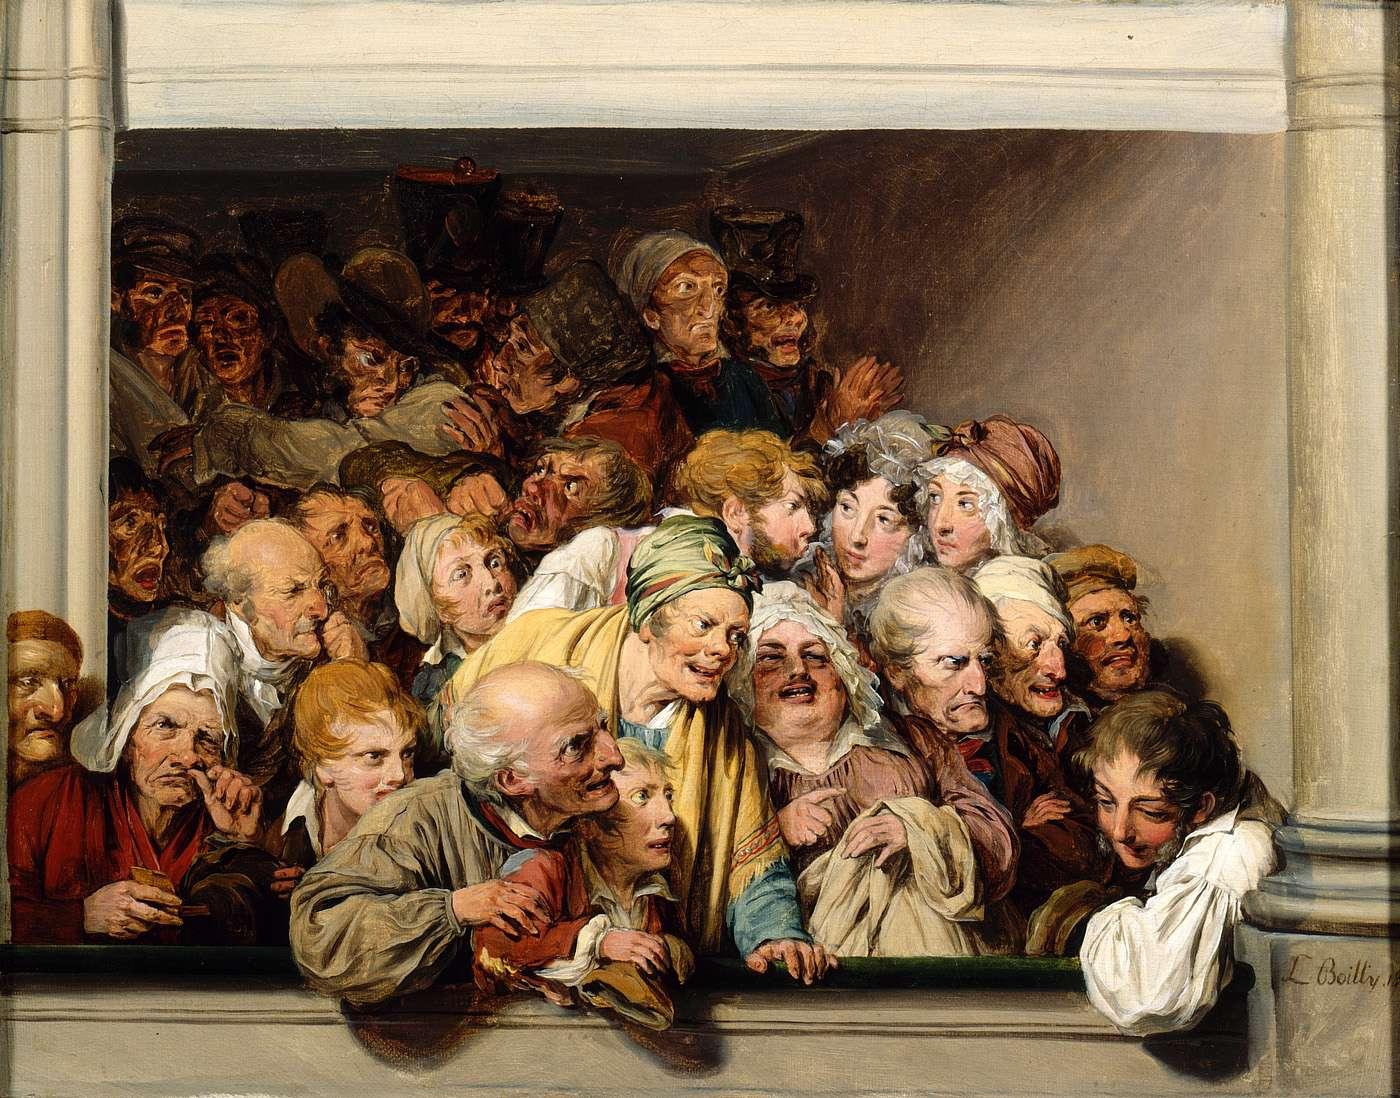 Louis-Léopold Boilly (1761-1845), Une loge, un jour de spectacle gratuit, 1830